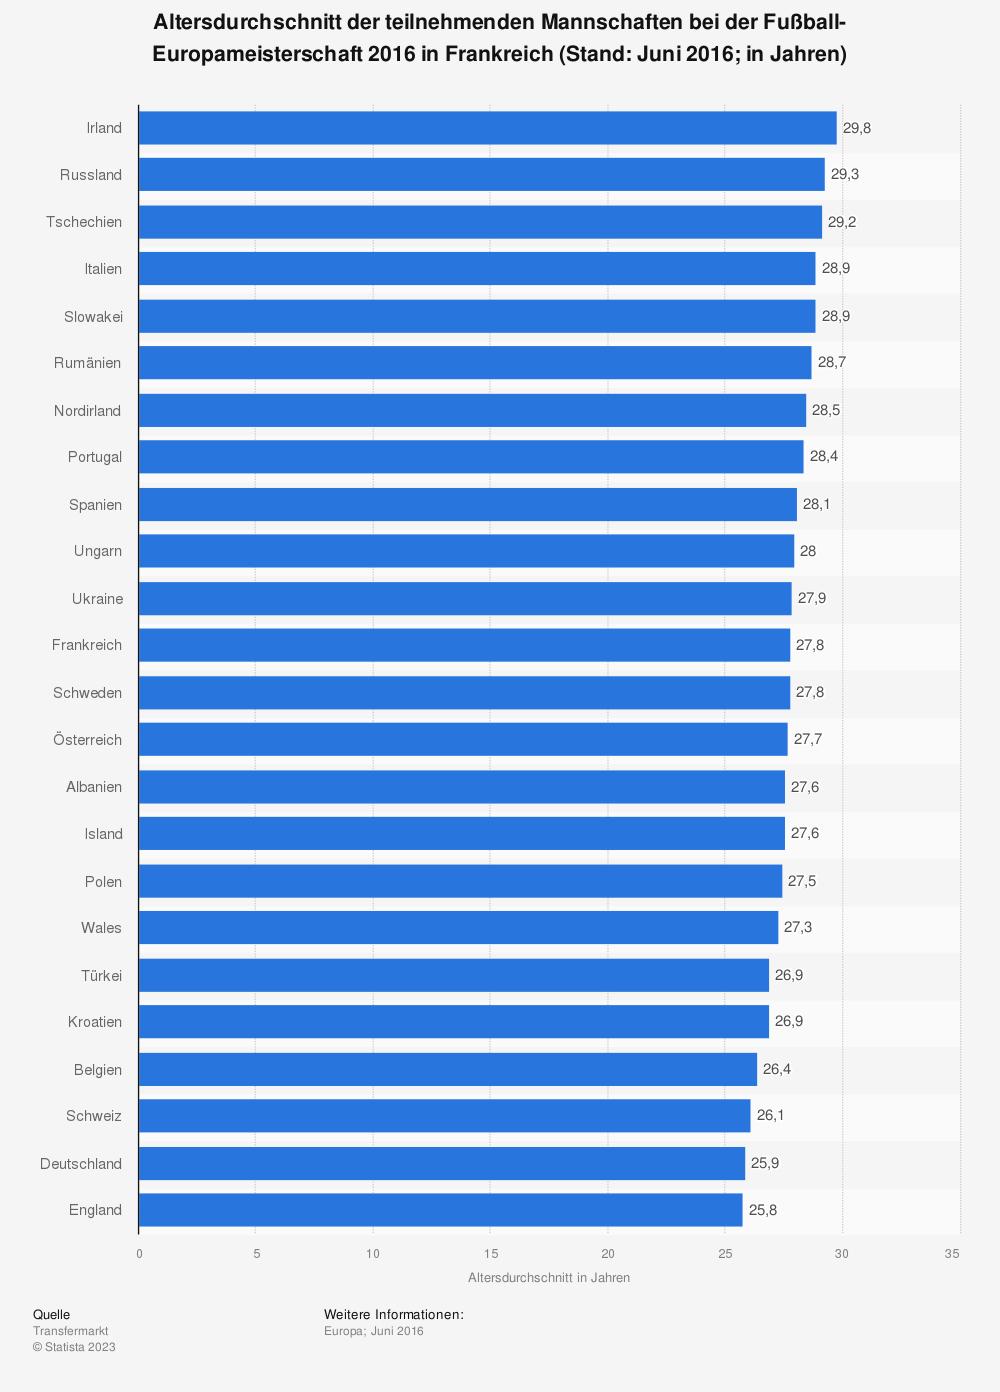 Statistik: Altersdurchschnitt der teilnehmenden Mannschaften bei der Fußball-Europameisterschaft 2016 in Frankreich (Stand: Juni 2016; in Jahren) | Statista